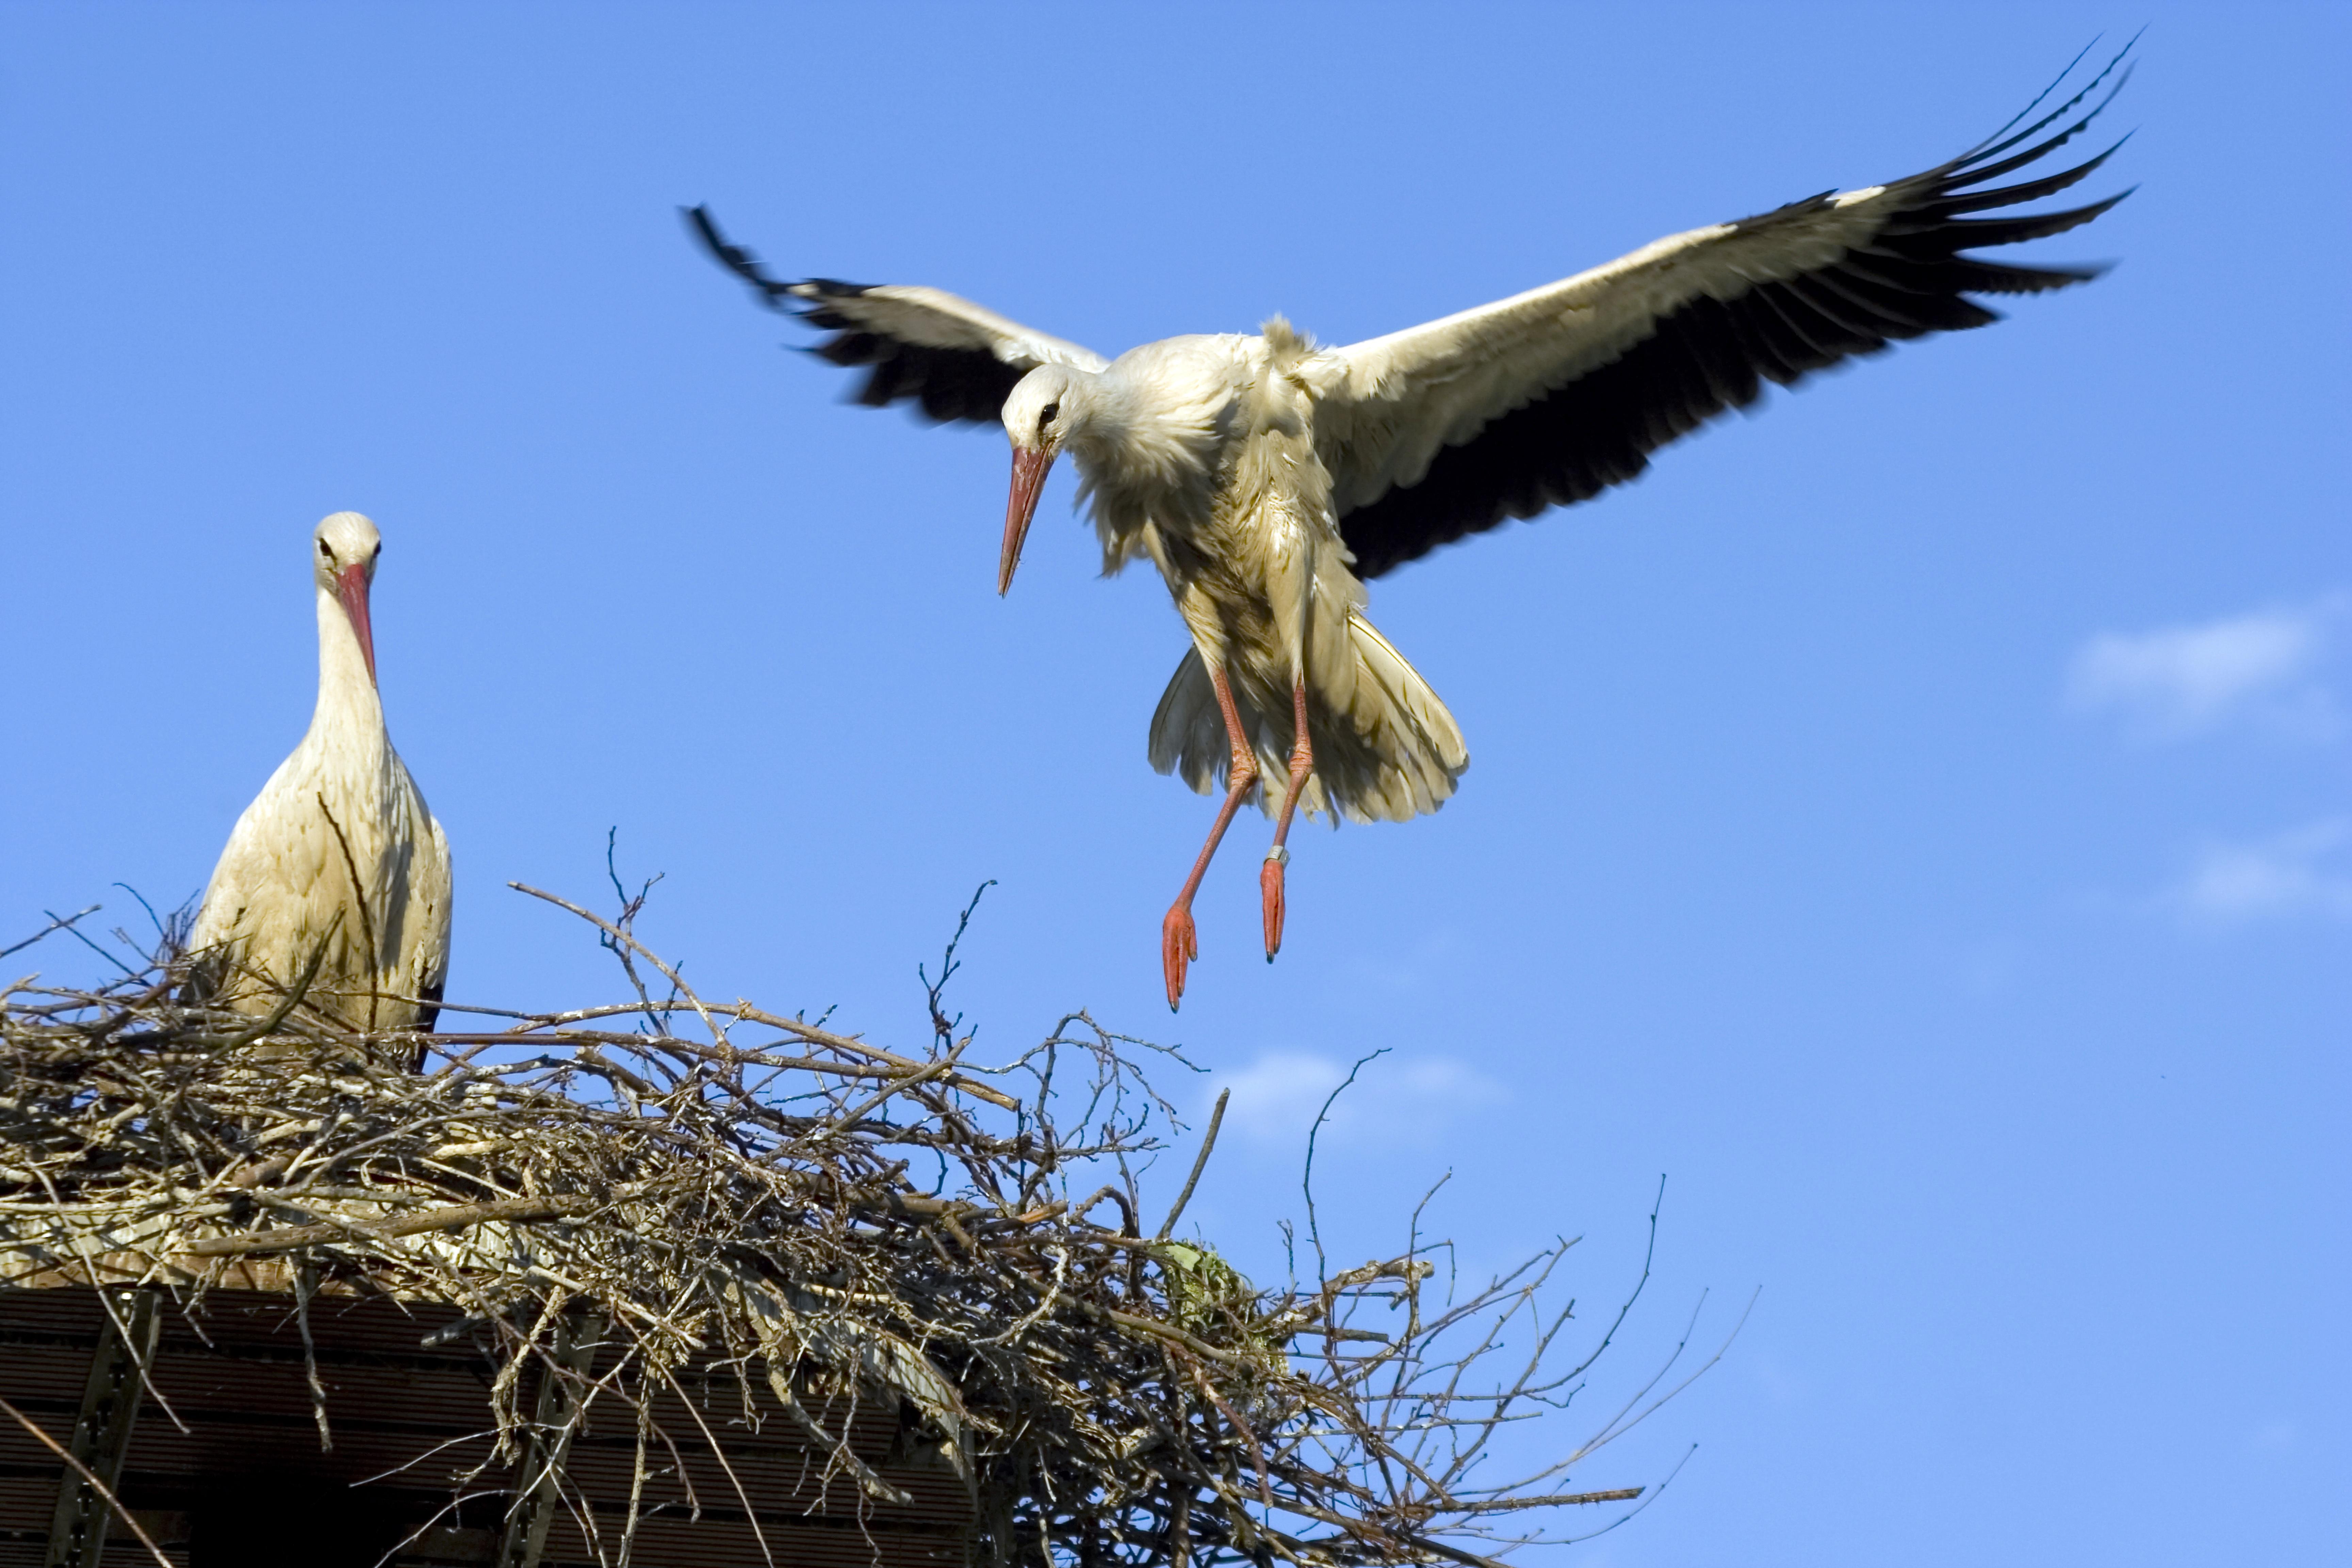 Un nido de cigüeña. Imagen: Ayto. Murcia